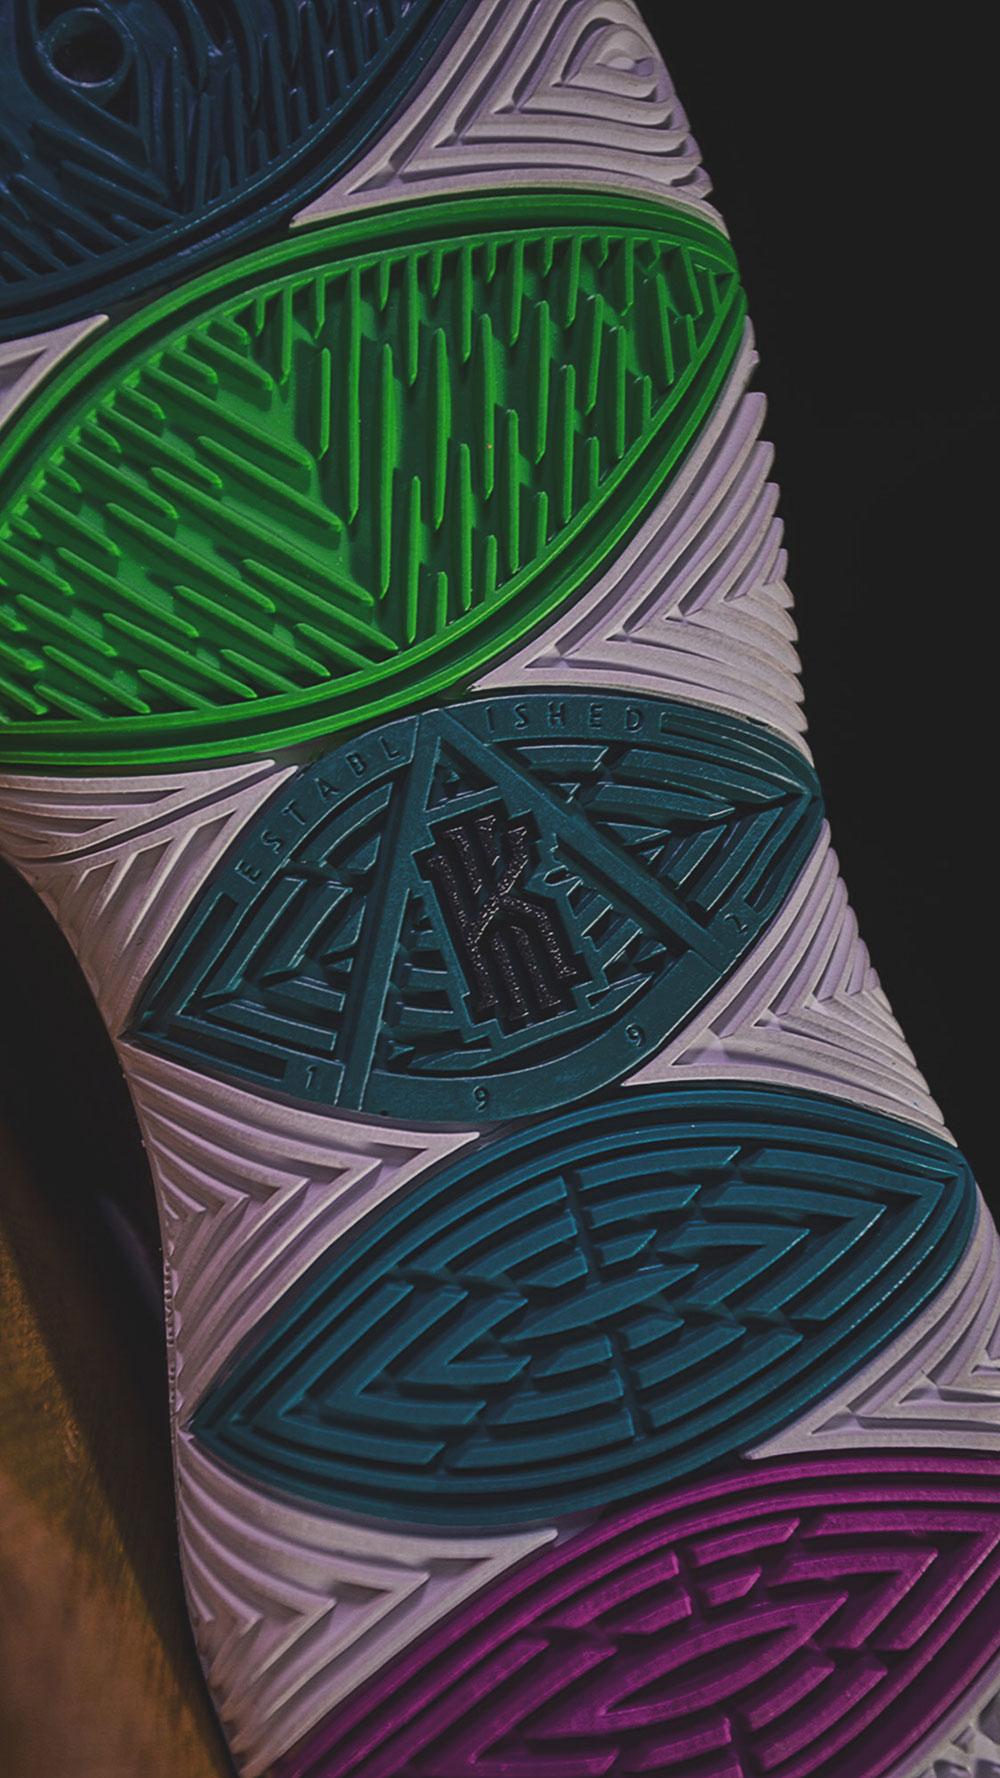 独家揭秘!你从未见过的全新气垫!Kyrie 5 还隐藏了哪些惊喜?  秋11月 第5张